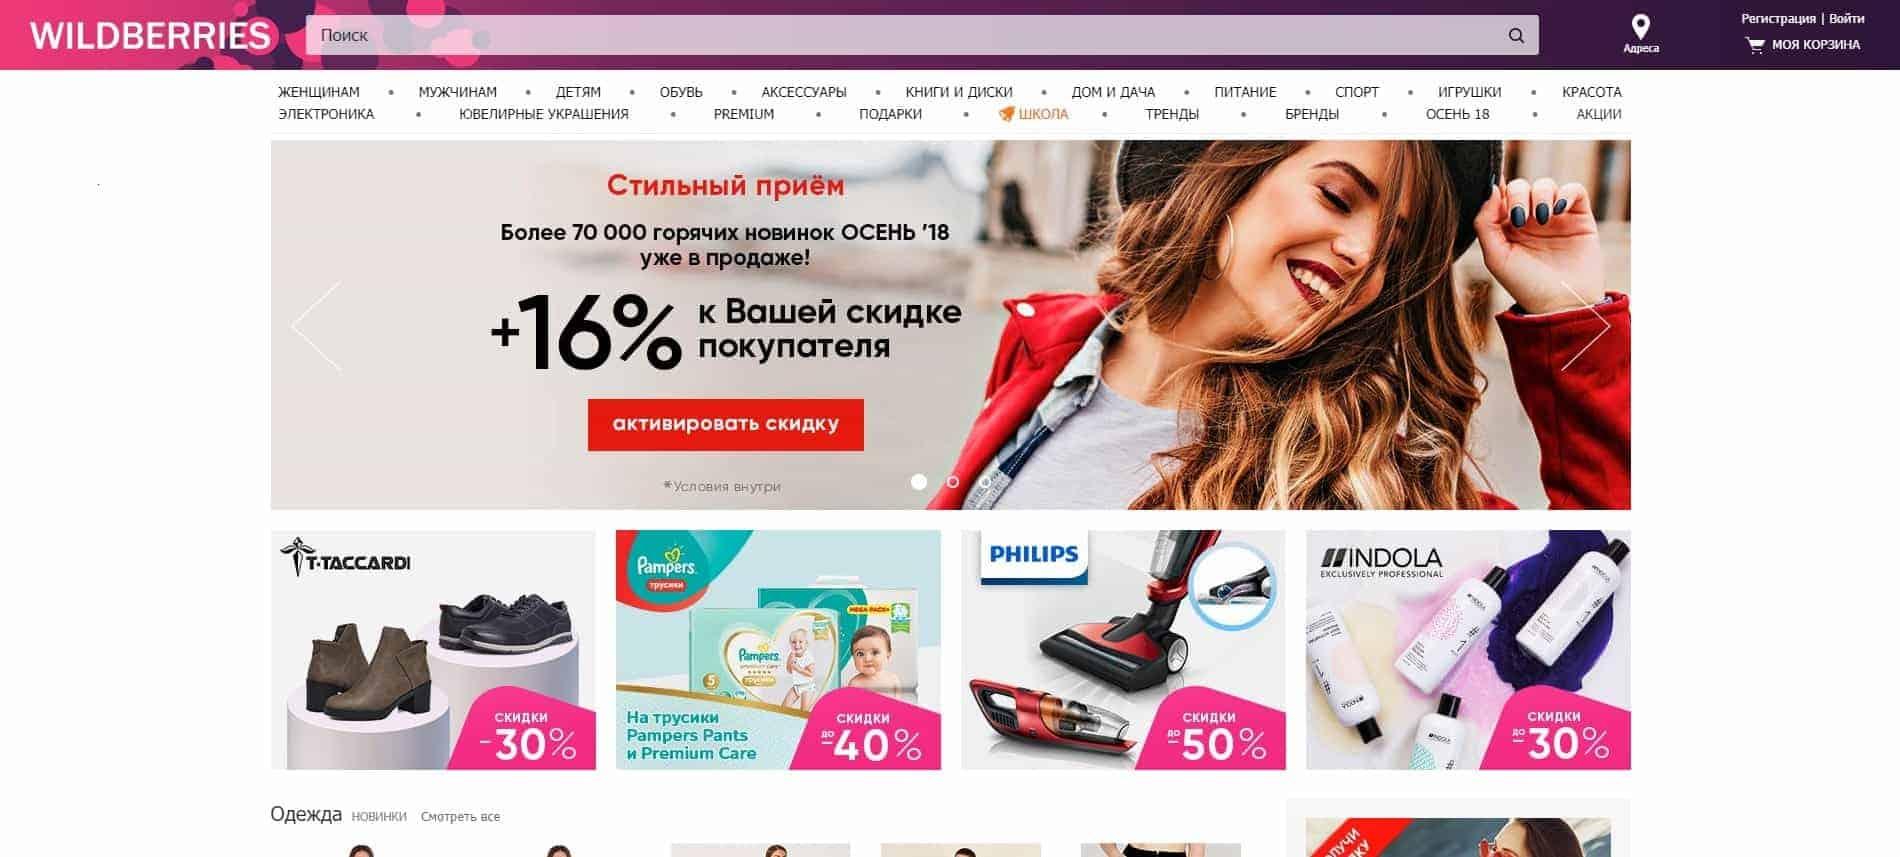 Валберис Интернет Магазин Официальный Сайт Киров Каталог